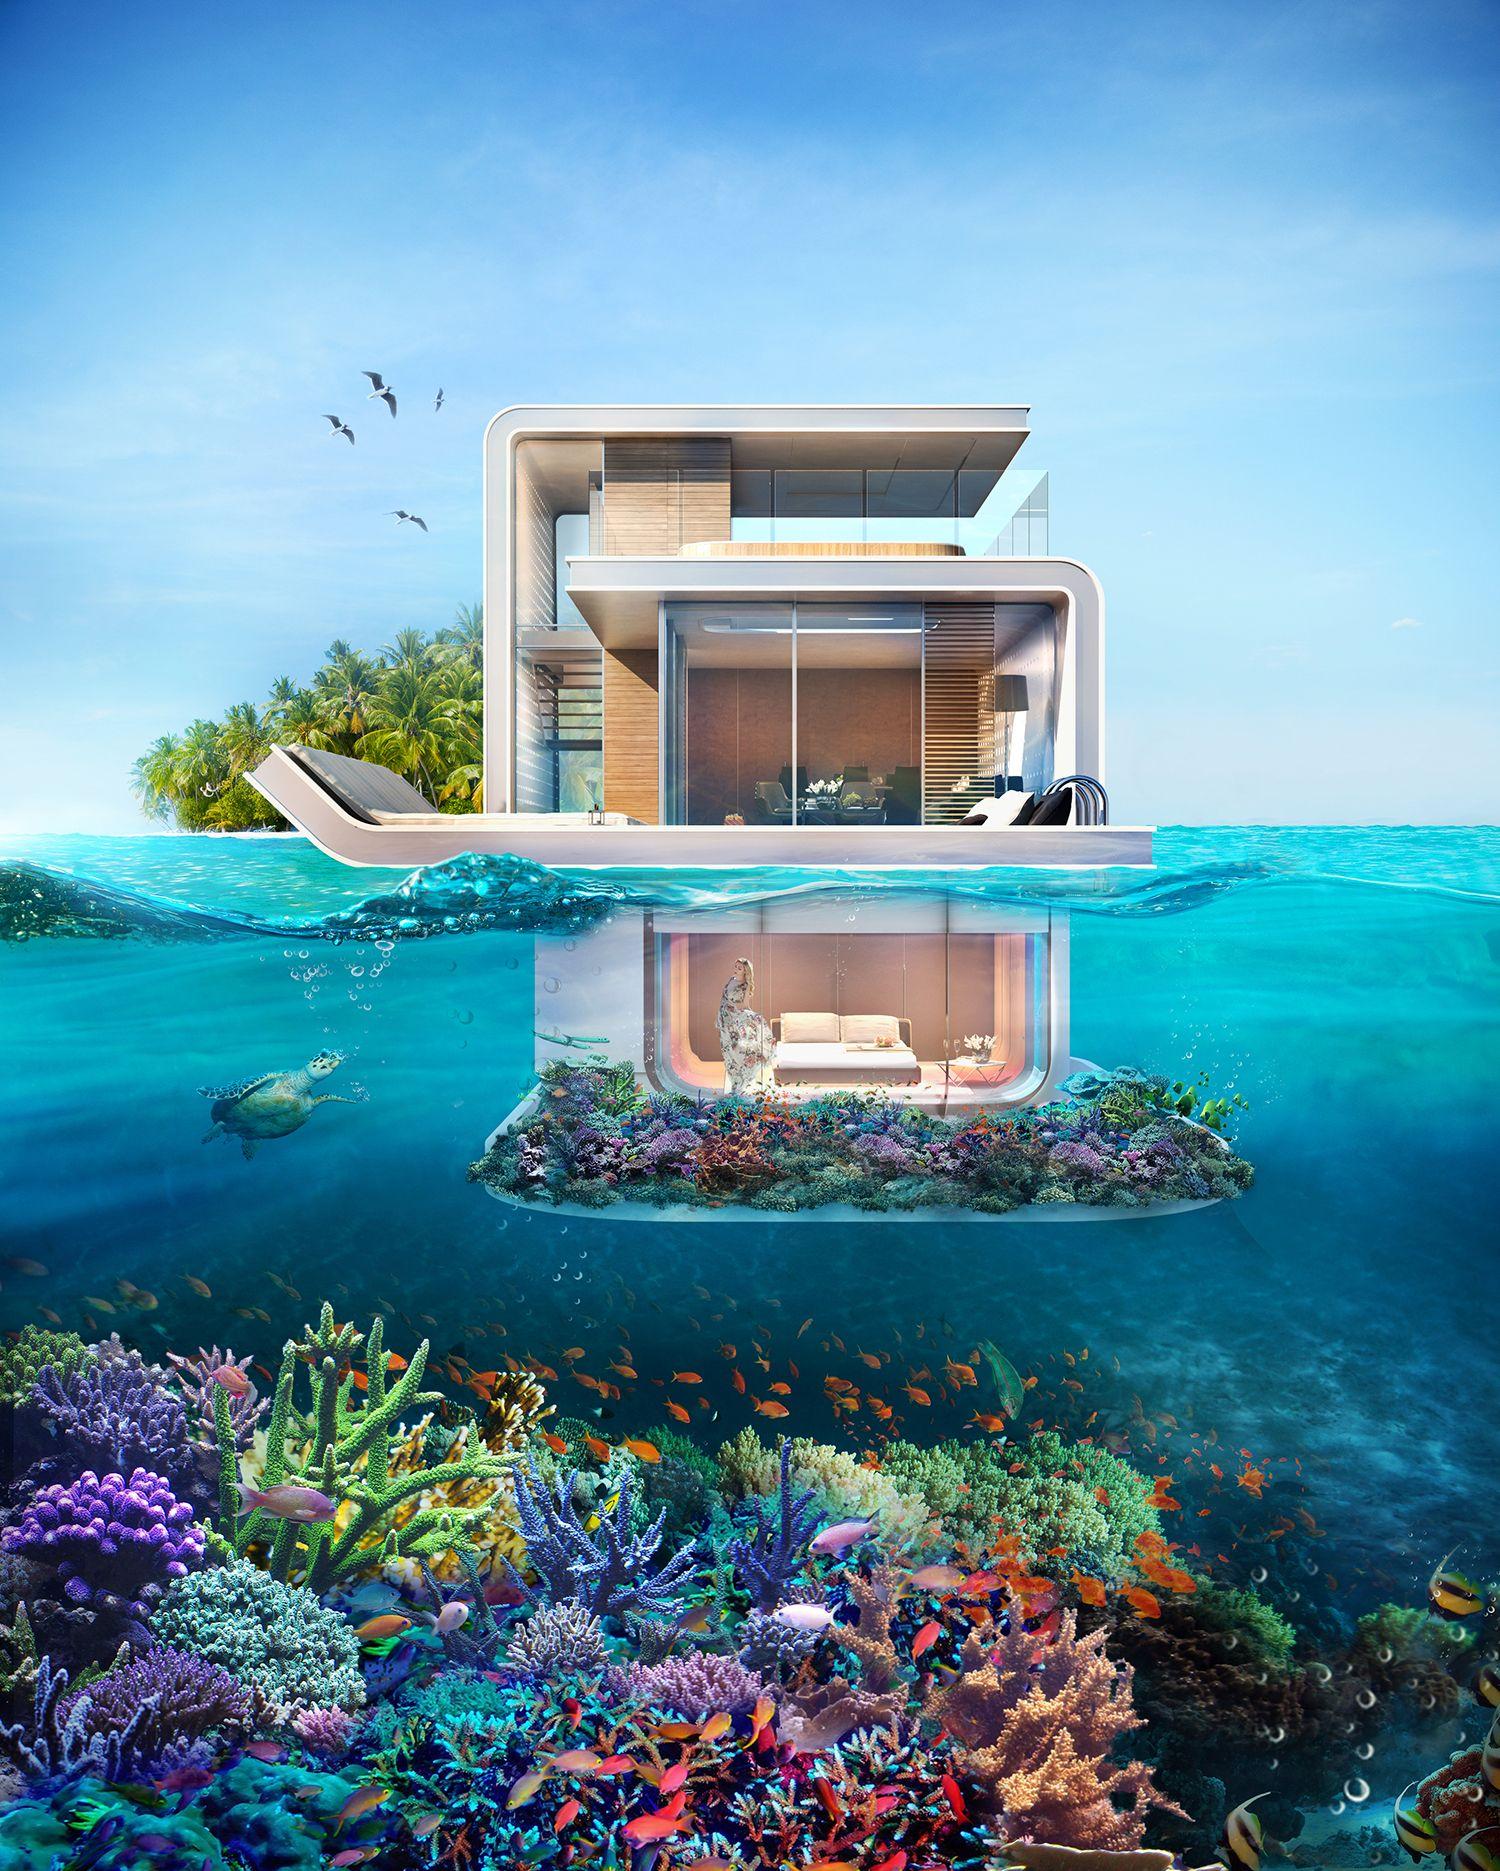 Estas casas flotantes parcialmente sumergidas, son el futuro de Dubái